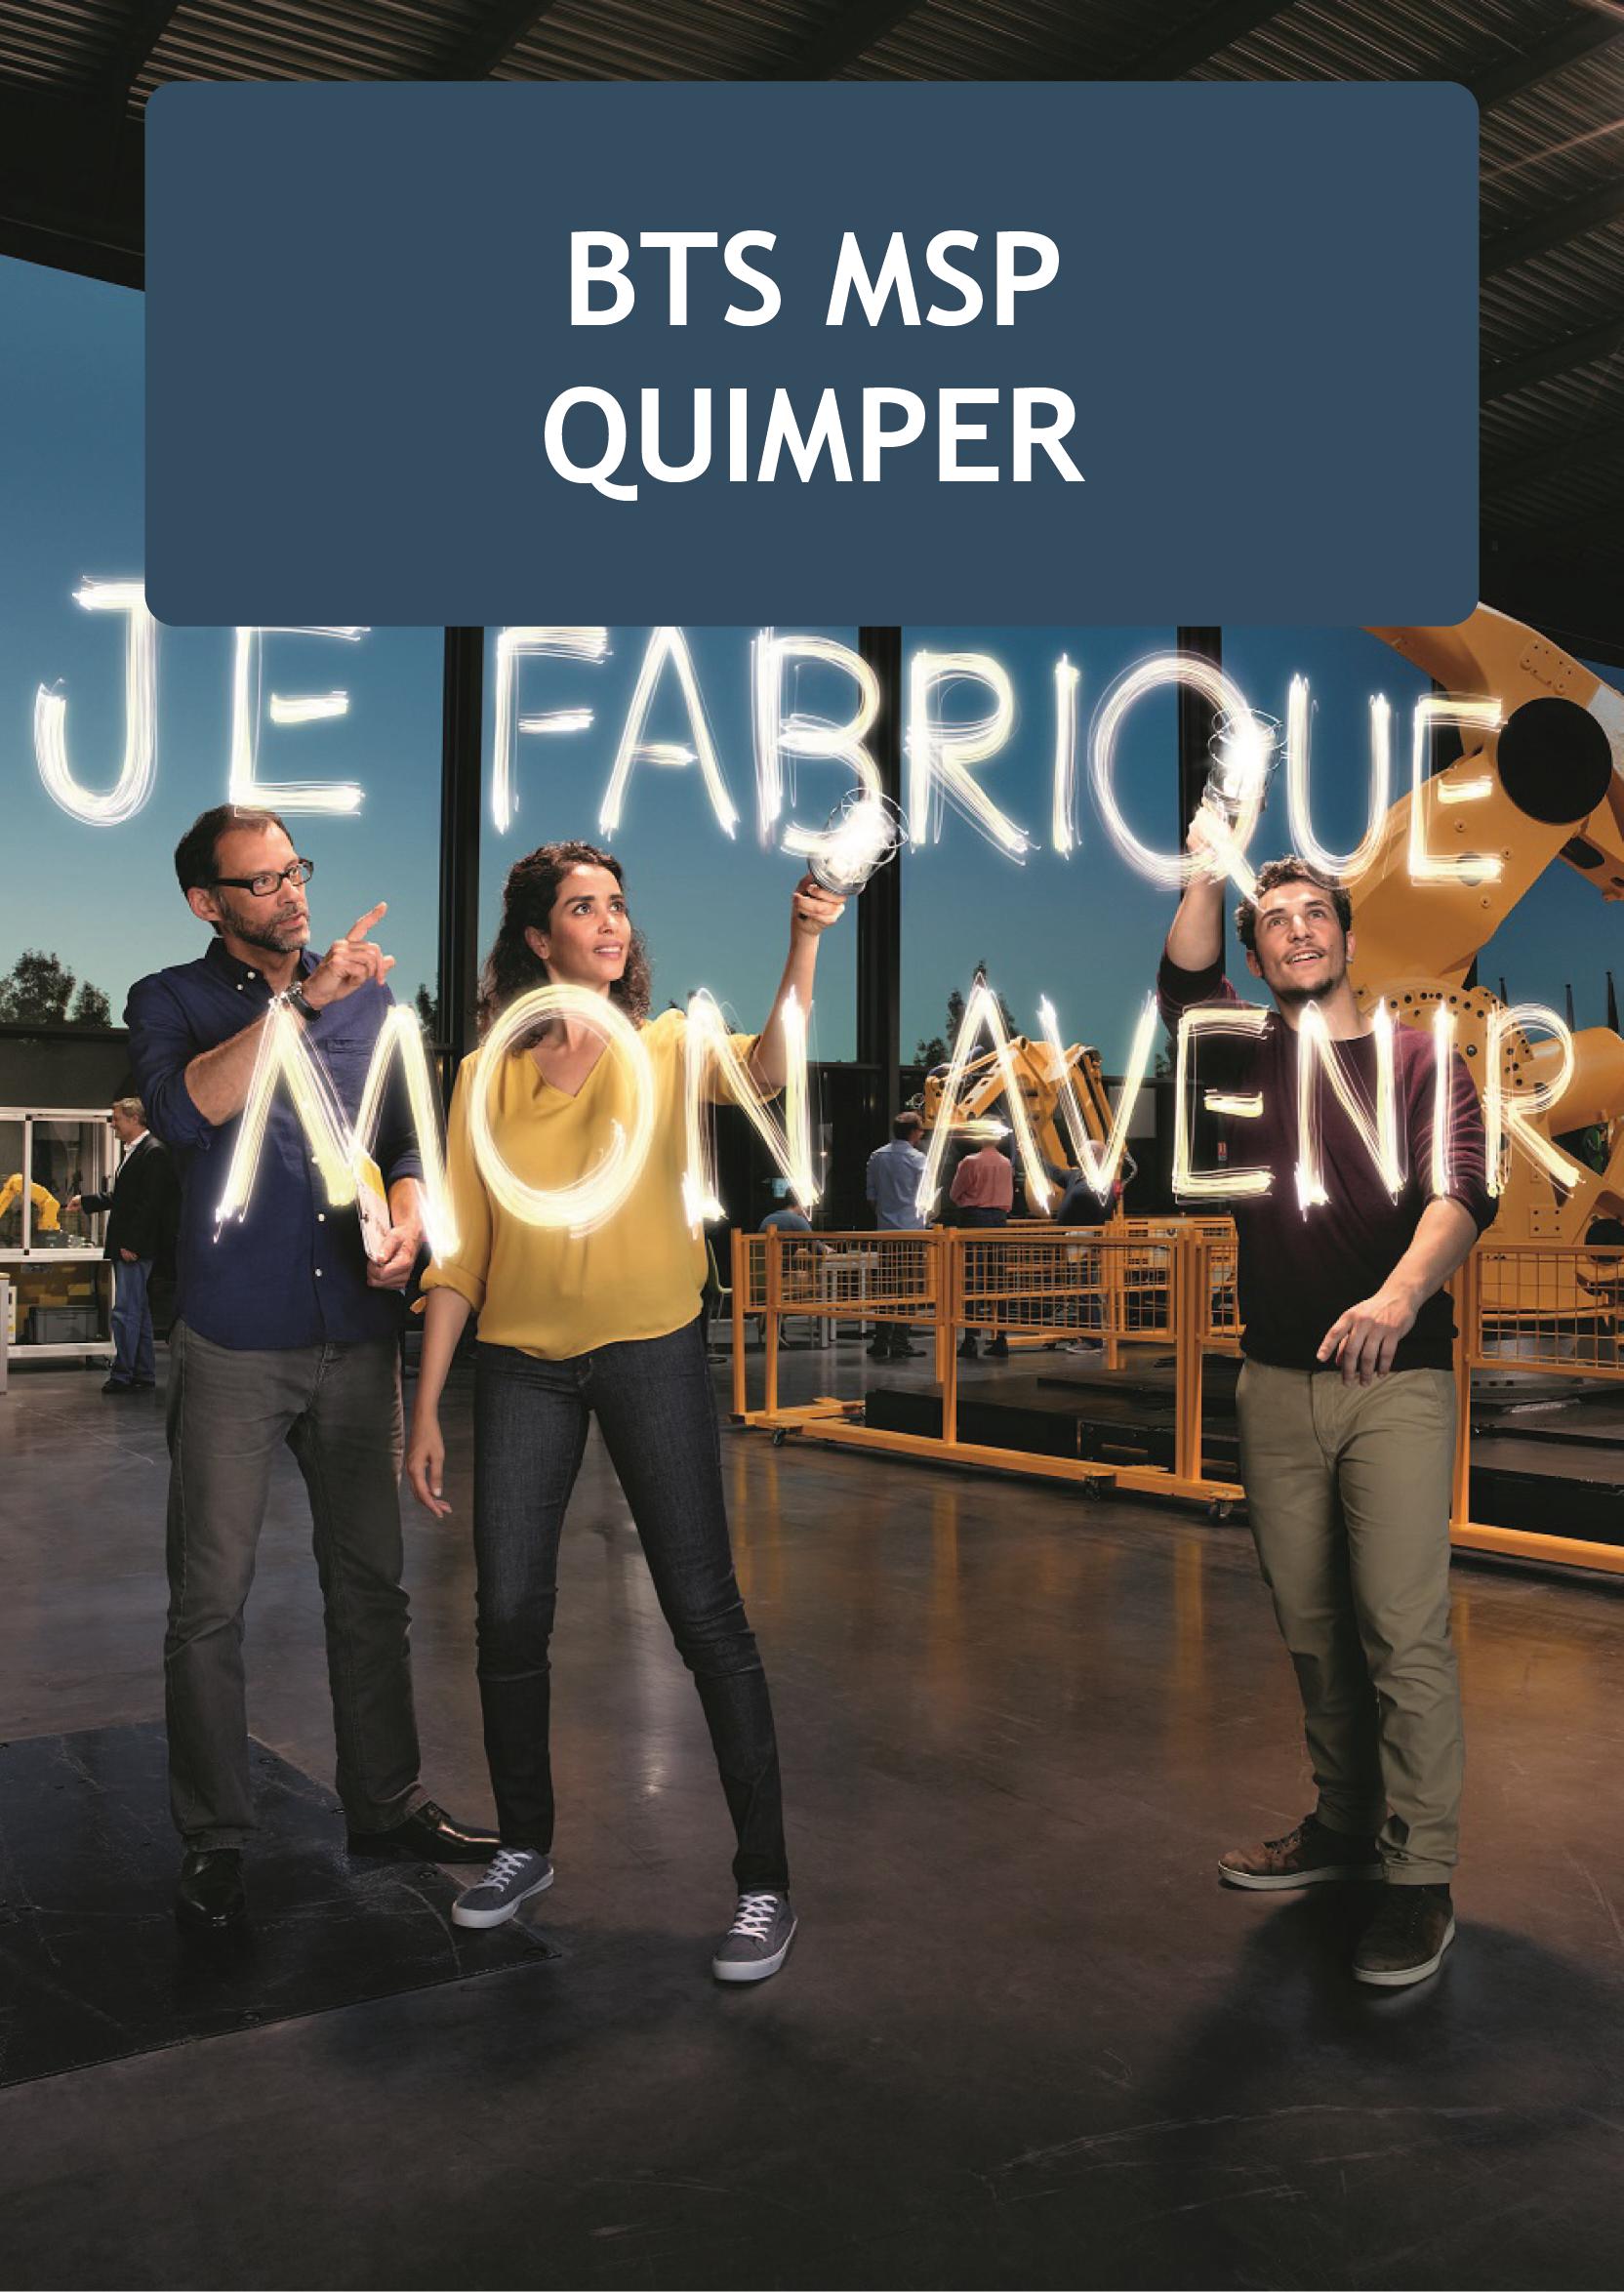 Plaquette BTS MSP Quimper